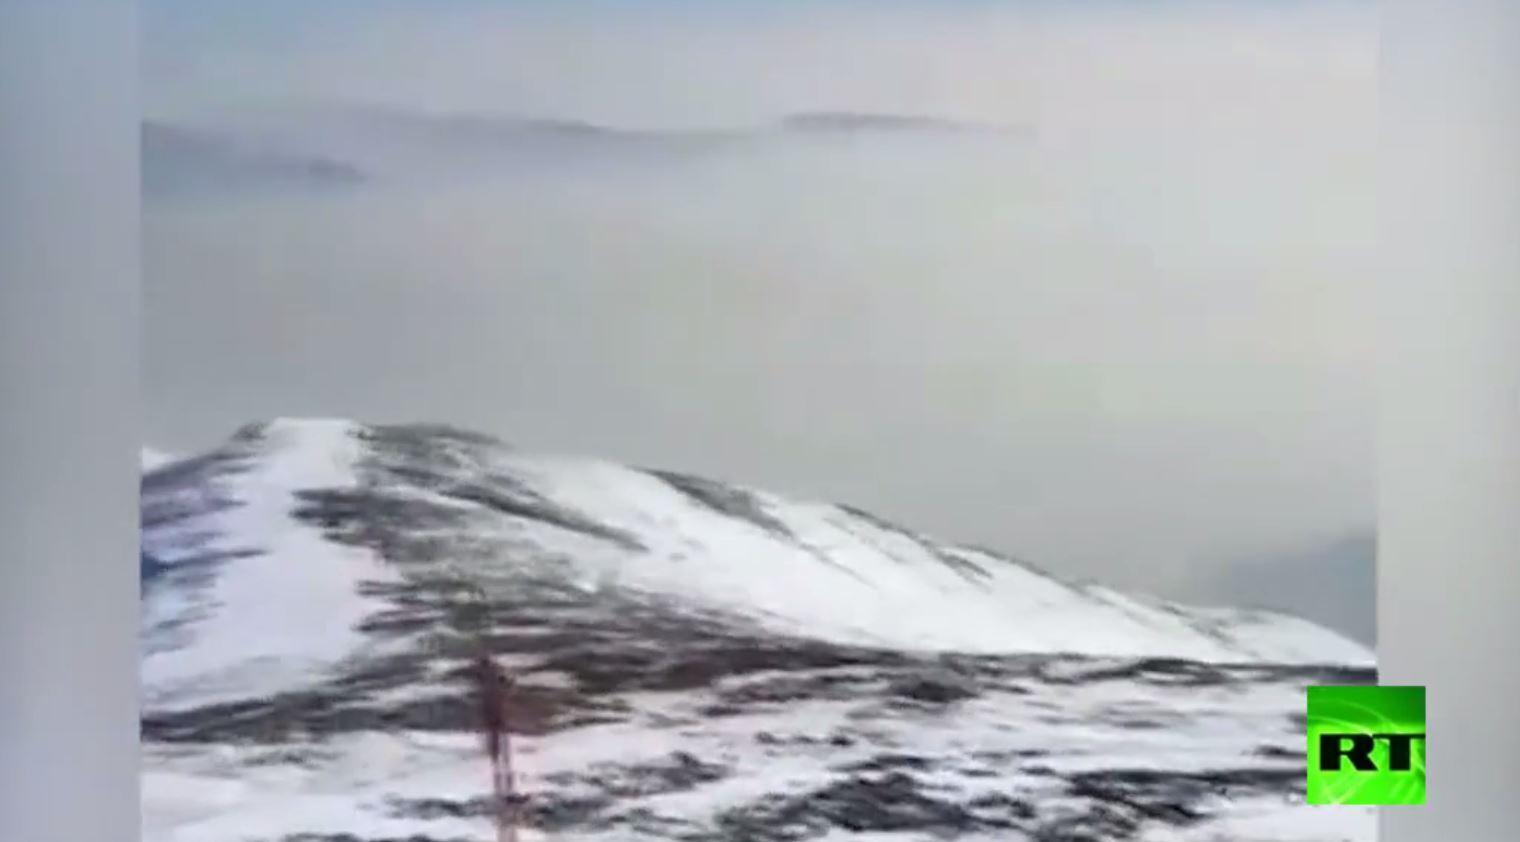 طهران تشهد مستوى قياسيا في تلوث الهواء